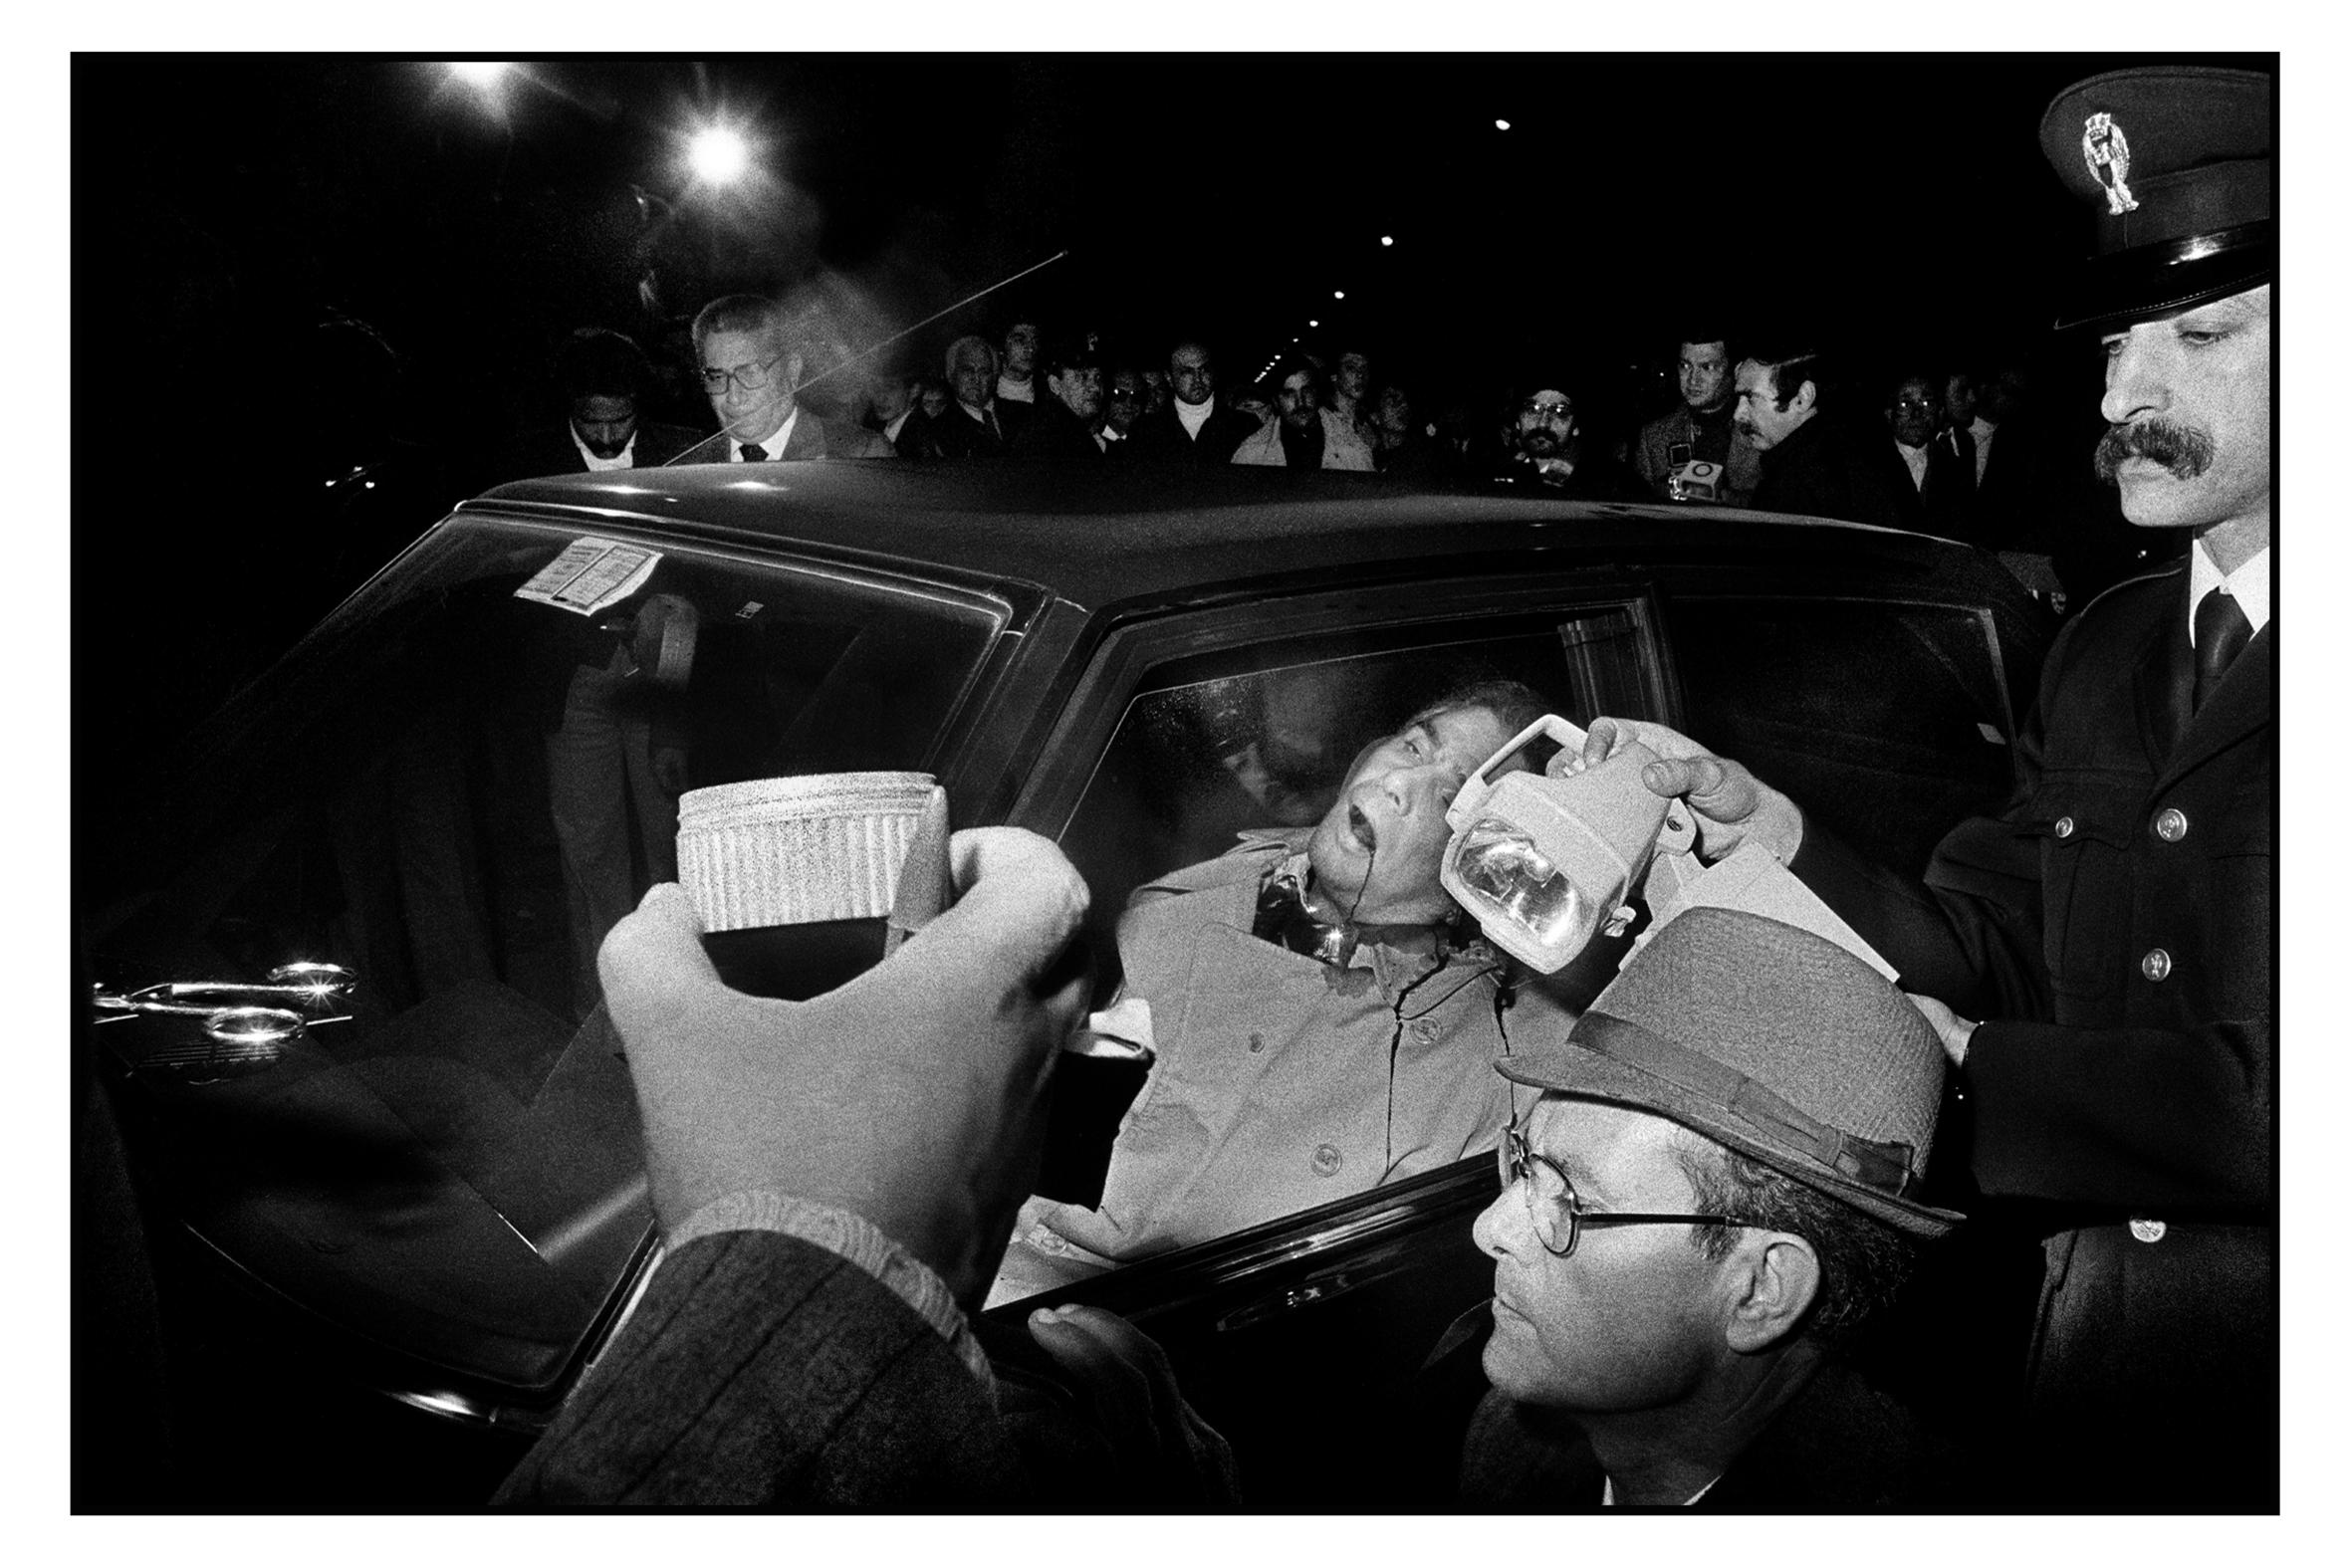 Letizia Battaglia, Omicidio in macchina, 1979